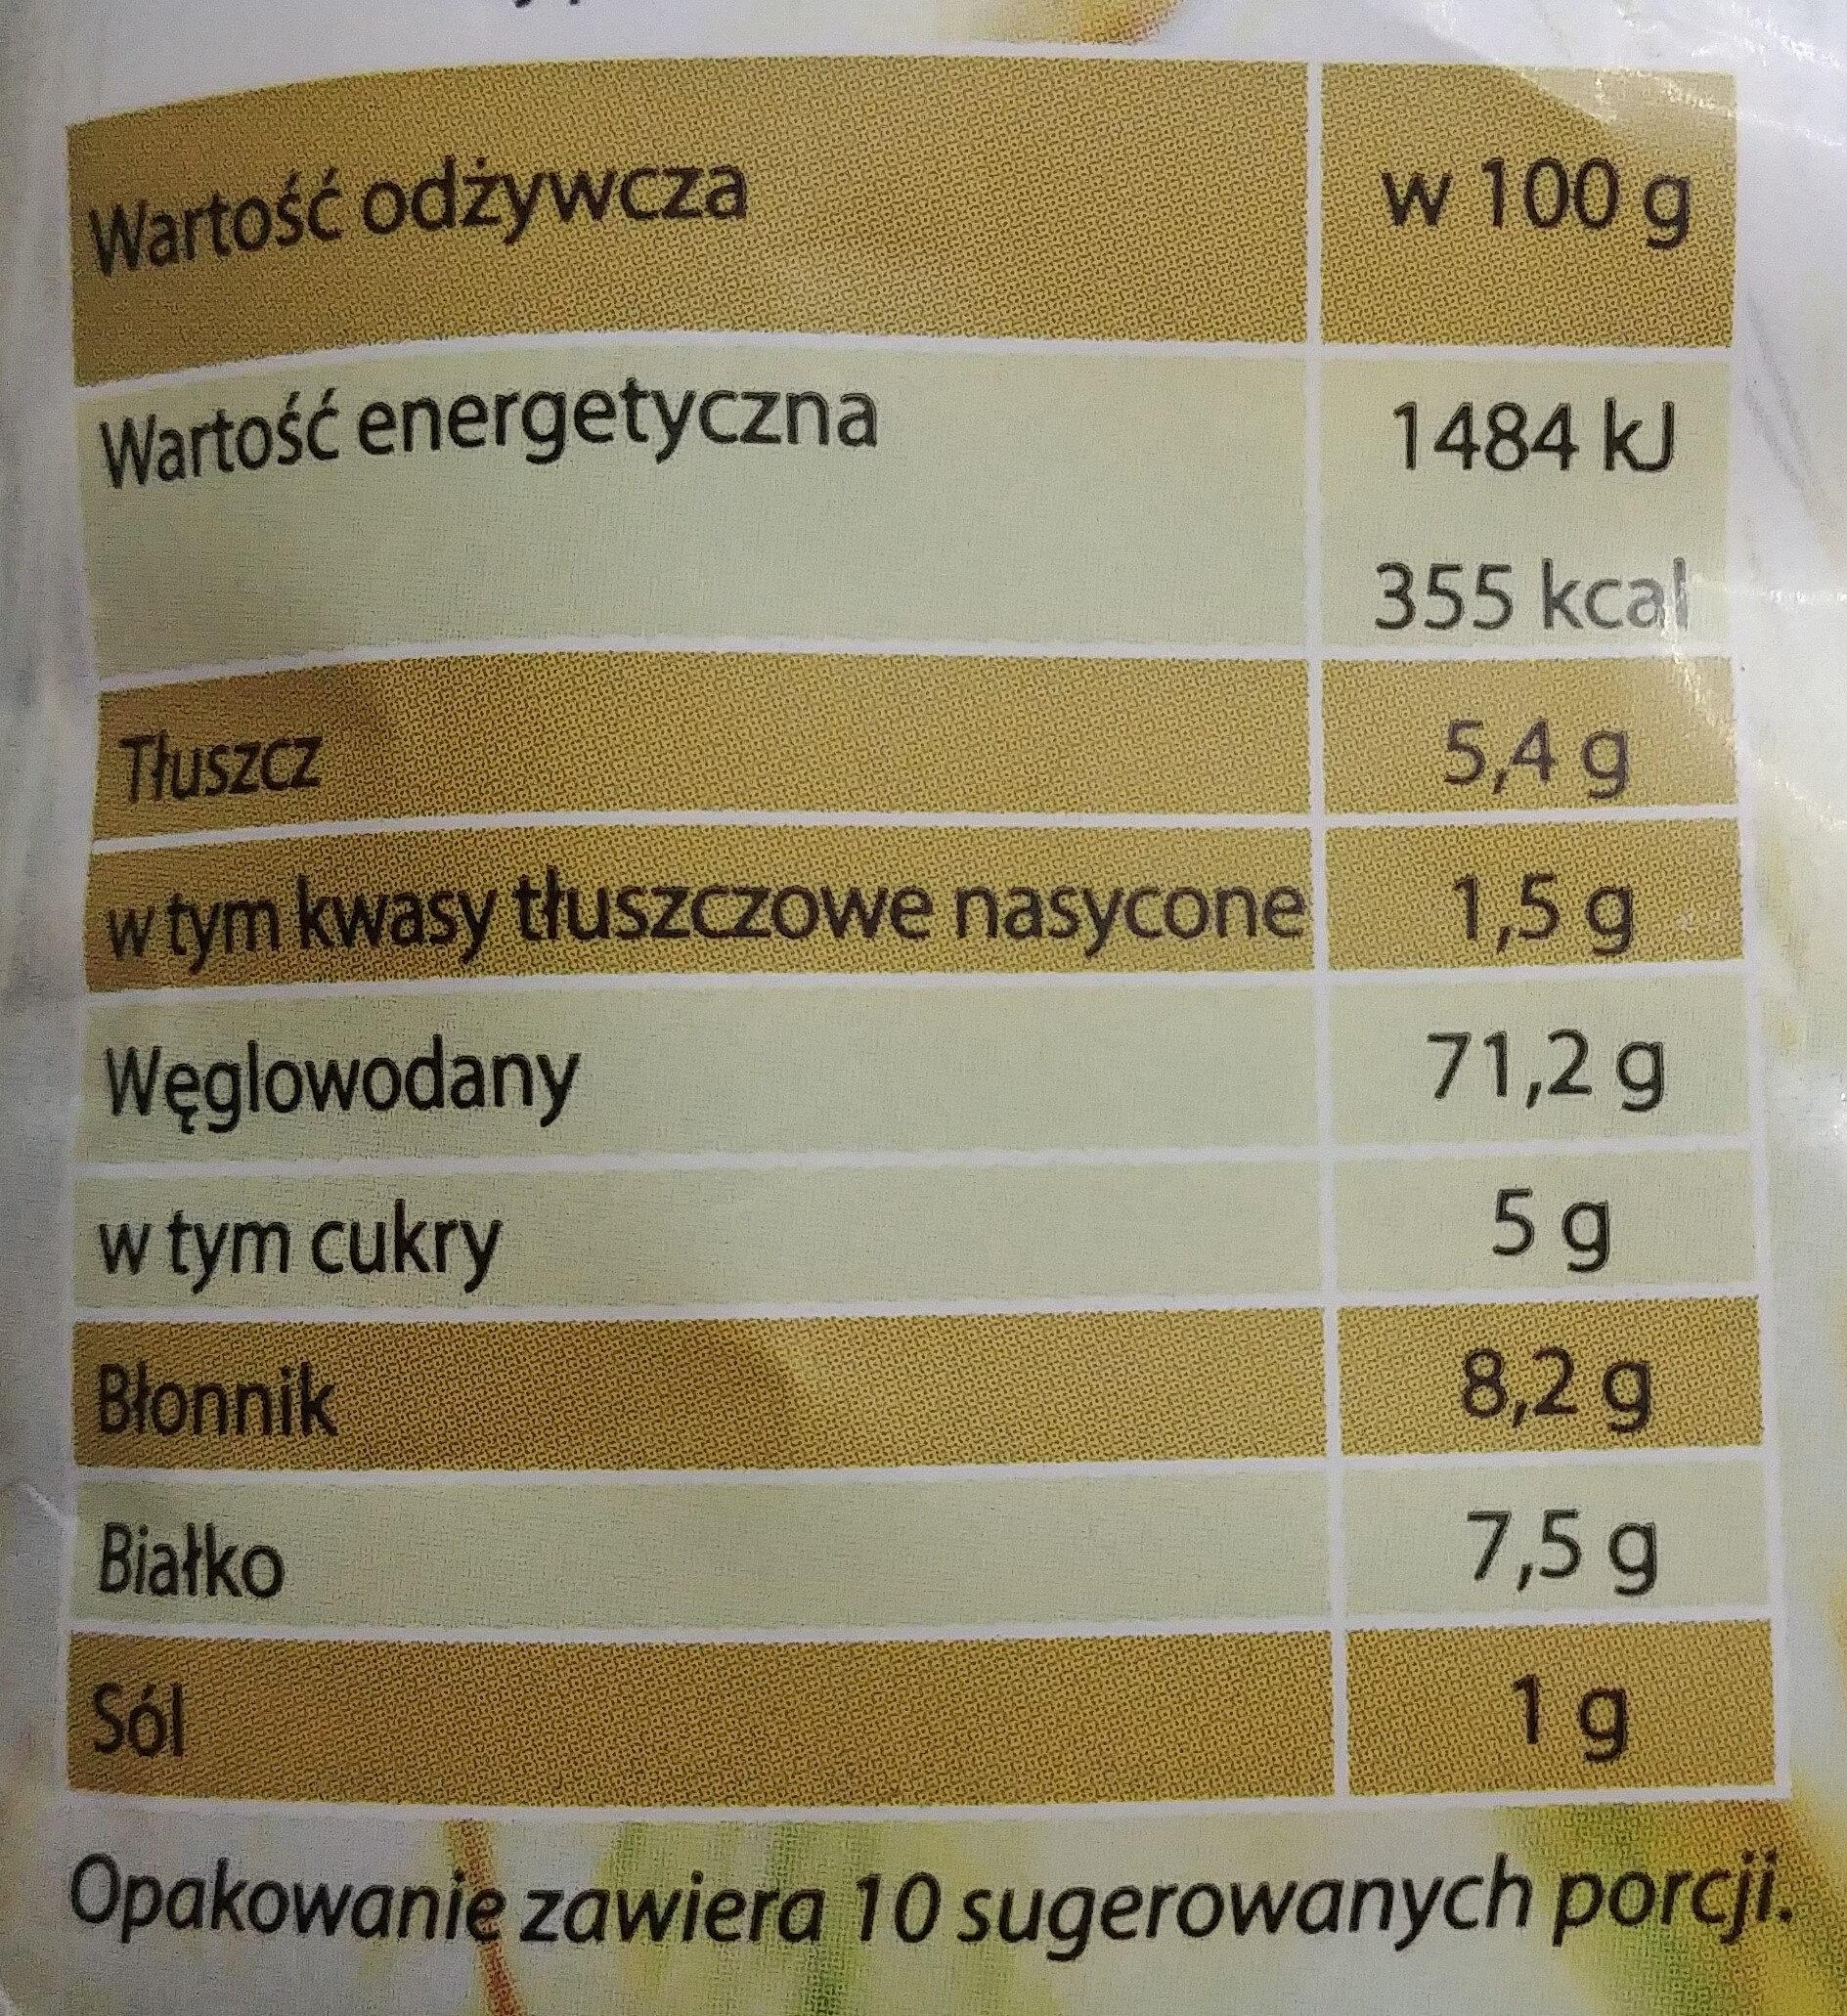 Musli owocowe pożywne śniadanie. - Wartości odżywcze - pl